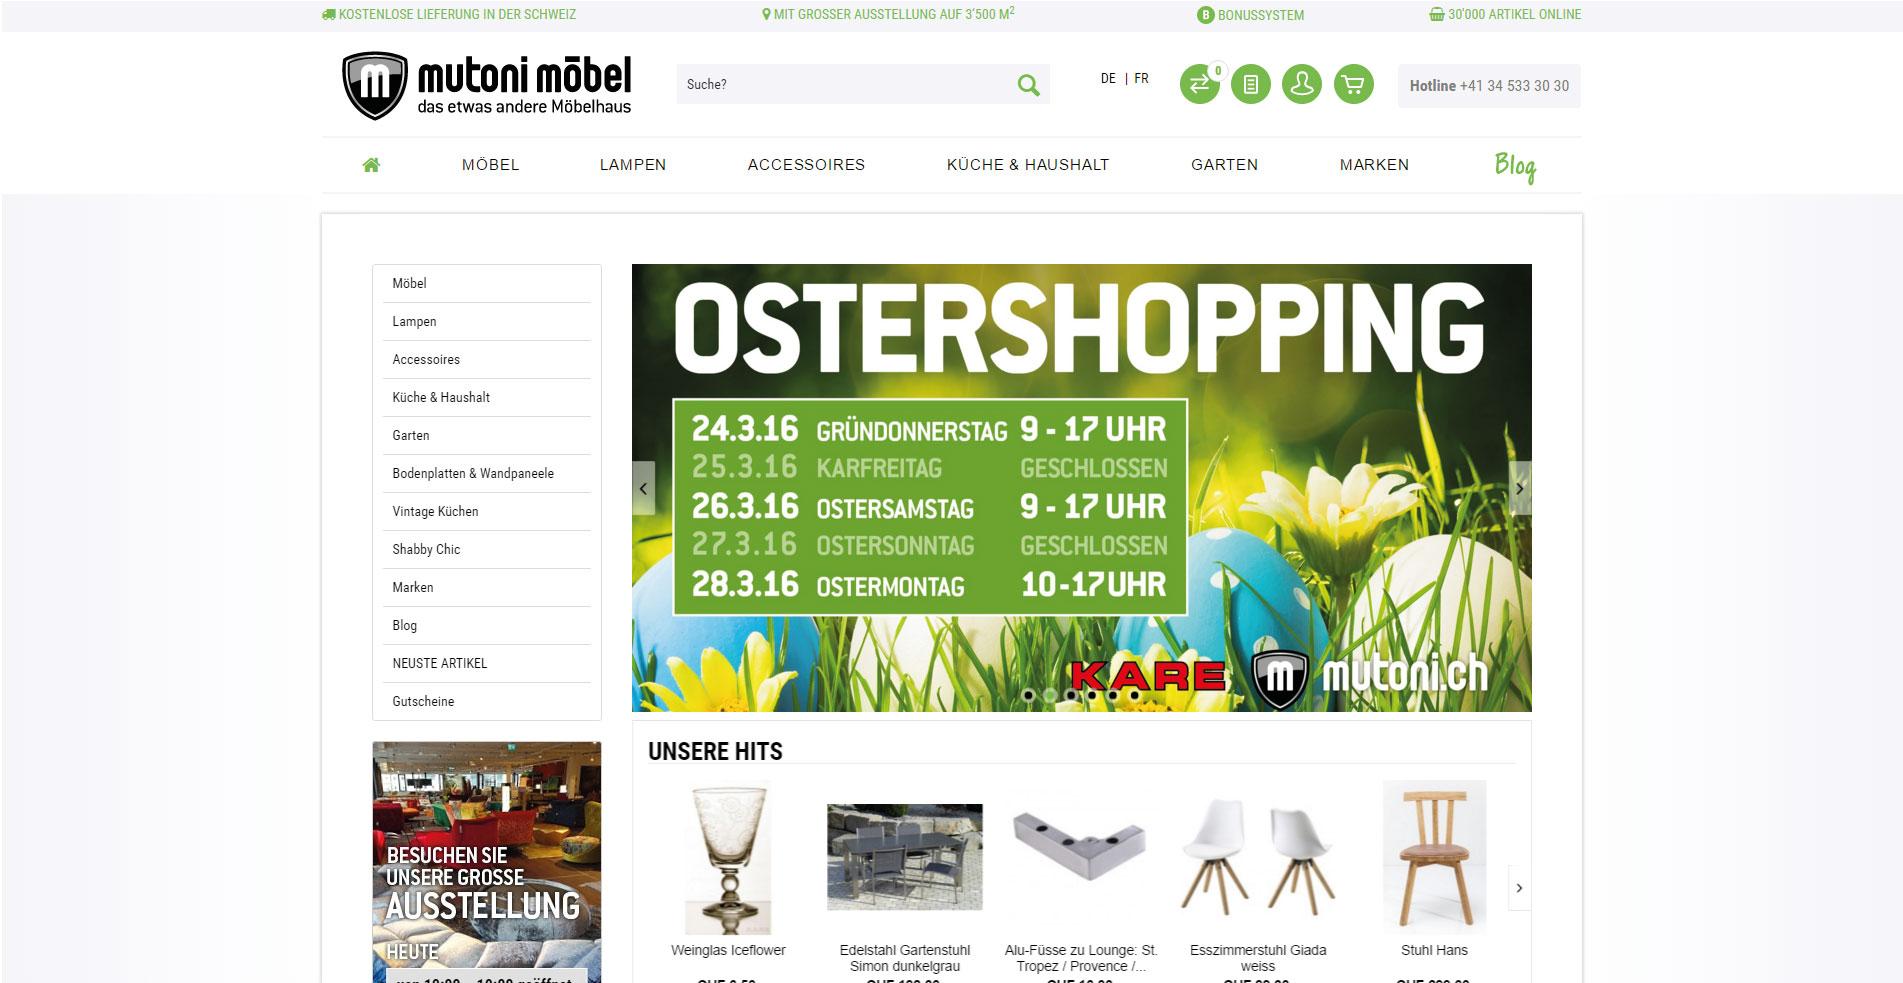 design möbel lyssach ag | kmudo | ihr partner für webshop